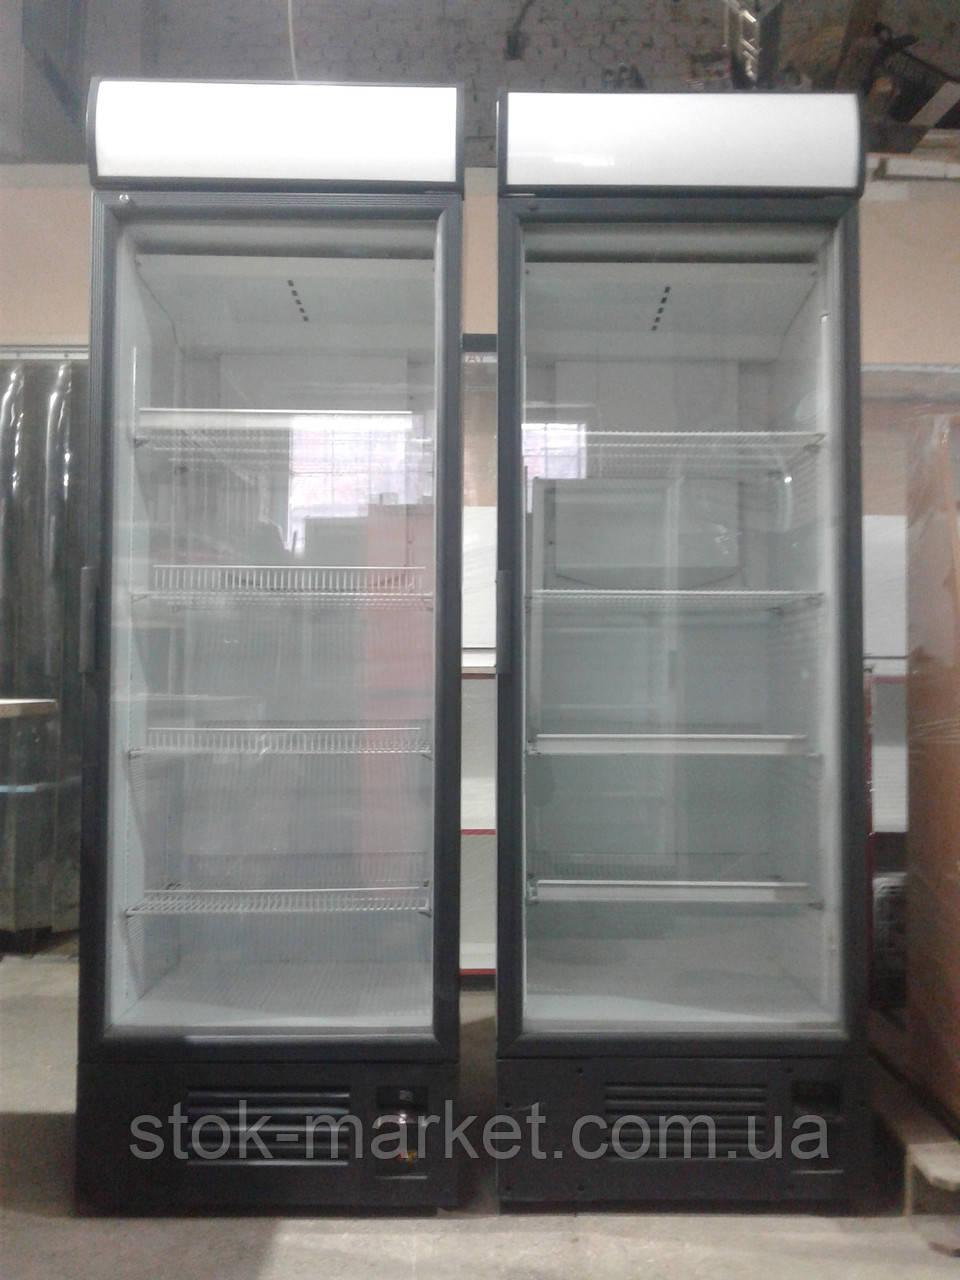 Холодильный шкаф Интер 390 л.б у.  холодильник б/у.